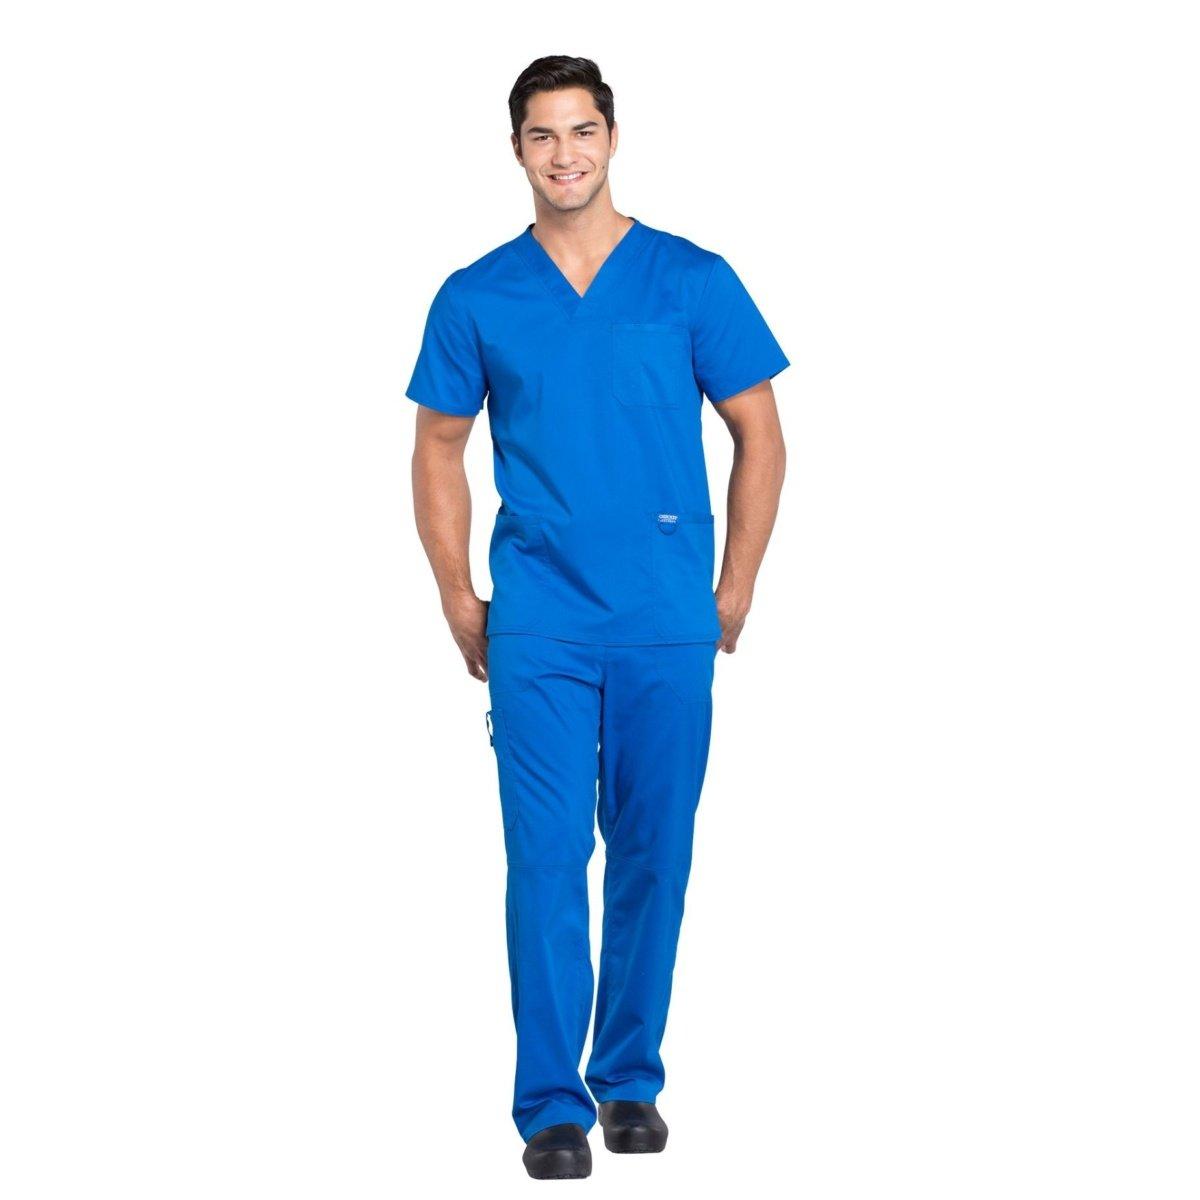 Мужской медицинский костюм Revolution цвет св. синий